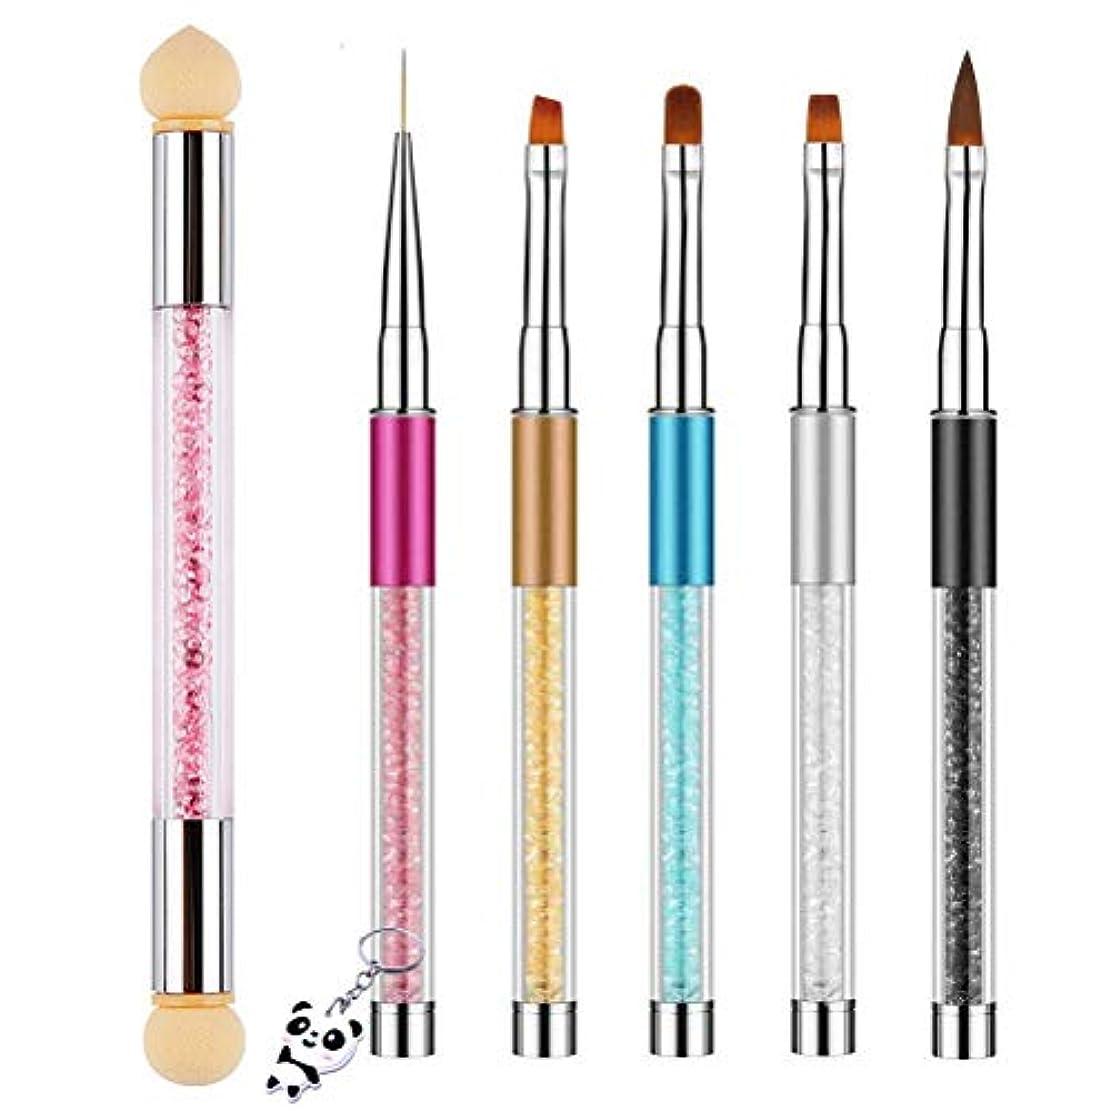 強度マーキーデンマークAchy JP ネイルアートブラシ 6個セット ネールアートペン マニキュアツールキット UV用 ネイルツール ネイル用品